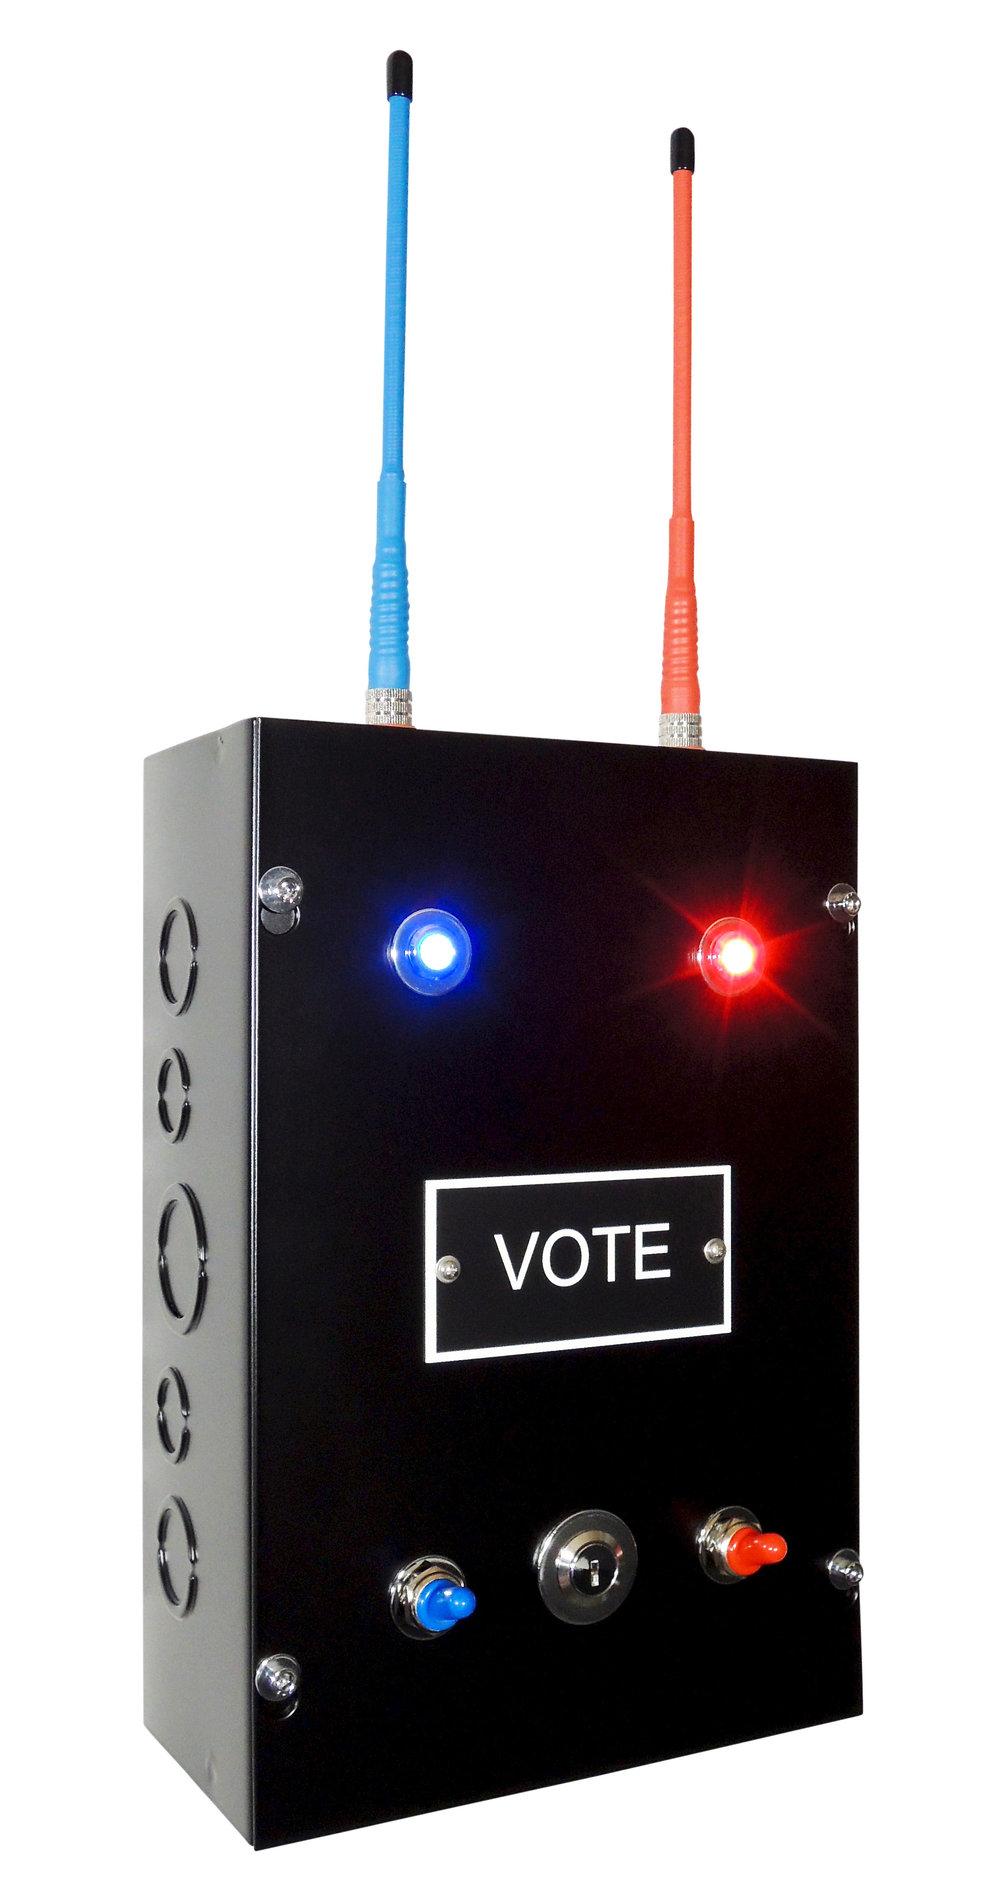 vote%2A.jpg